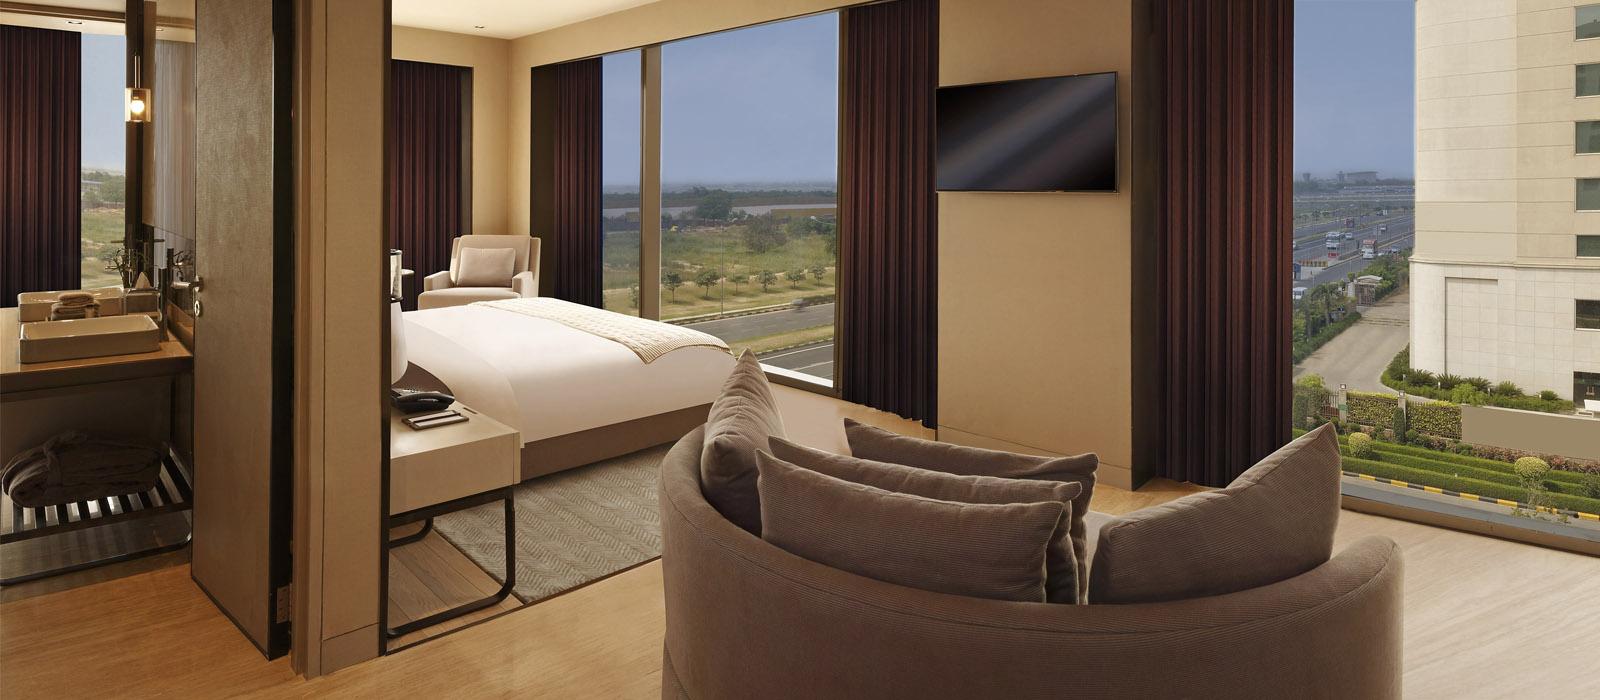 Luxury stay in New Delhi